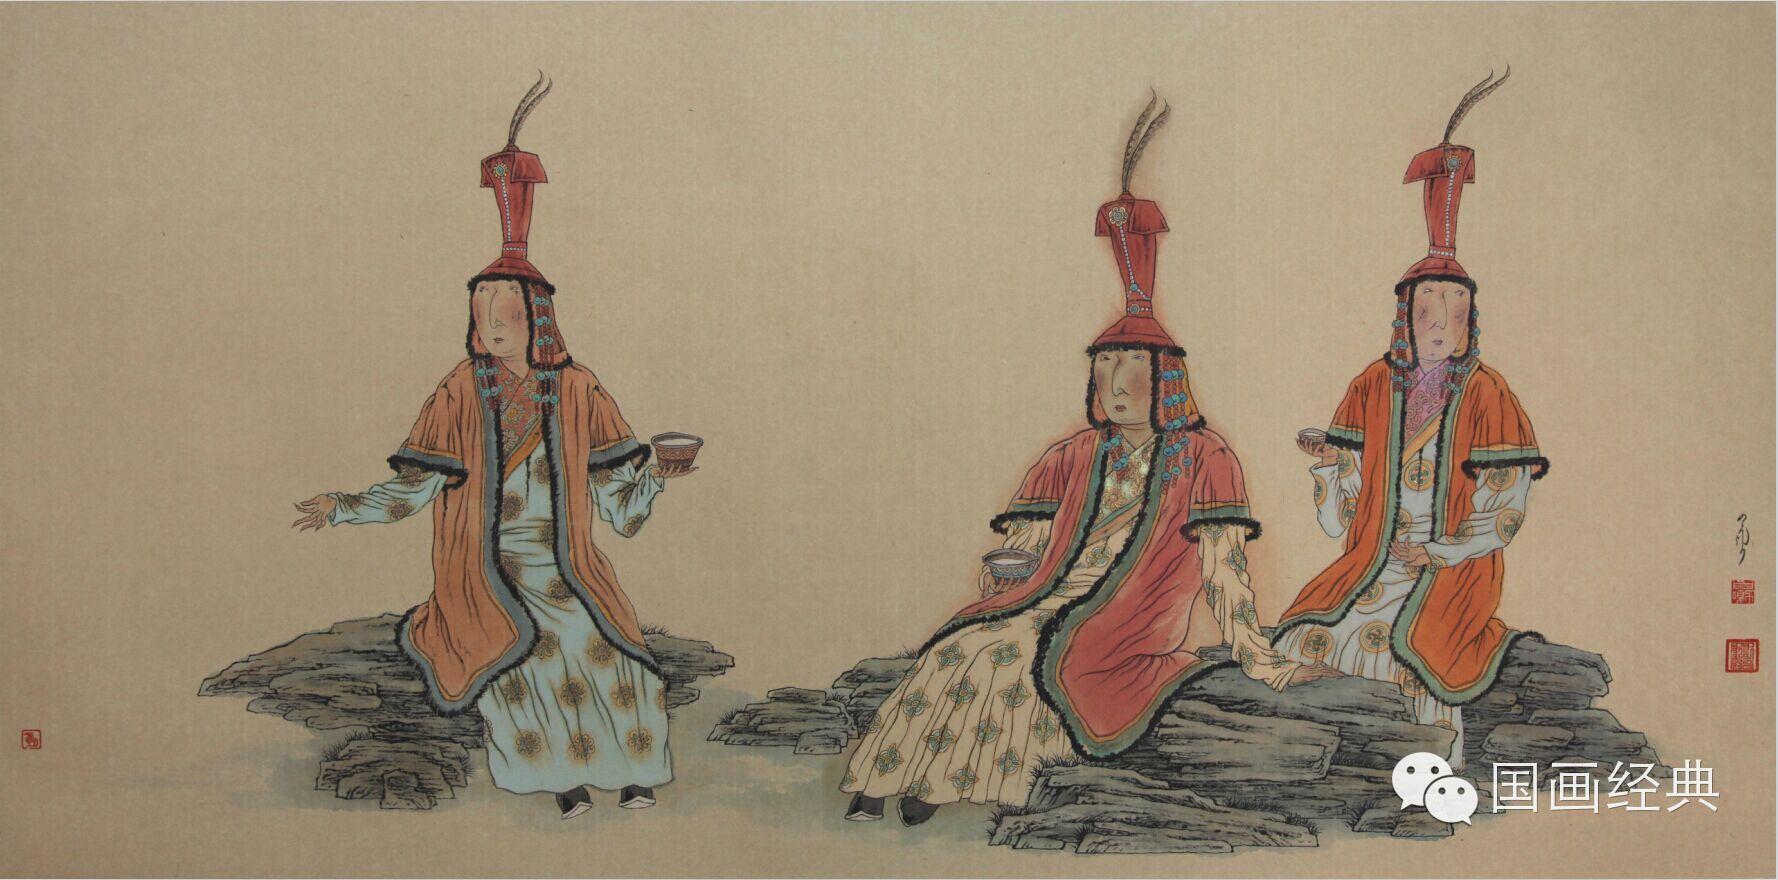 蒙古族著名画家白嘎力欣赏,大饱眼福 第11张